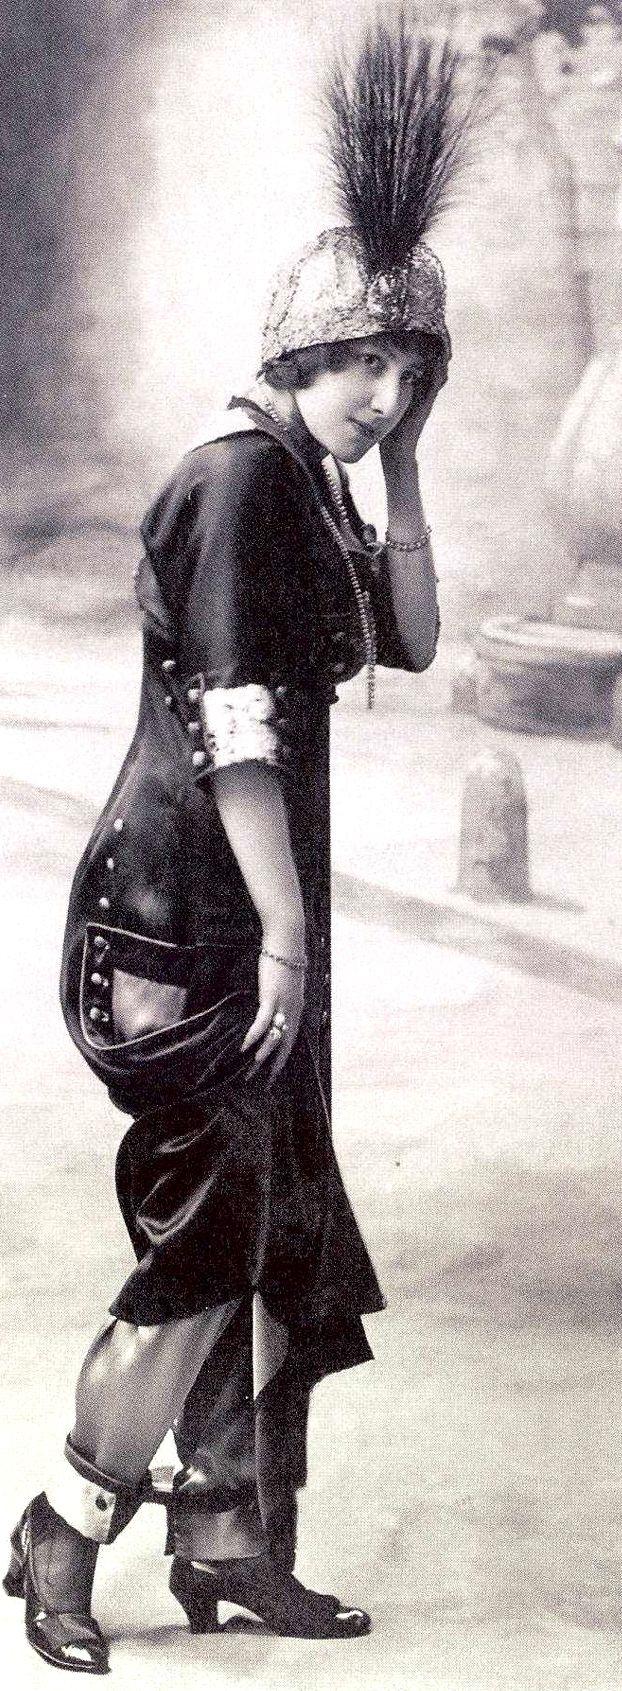 Poiret se aseguró un escándalo de inmejorables repercusiones publicitarias al presentar en 1911 su falda pantalón, que recibió la condenación del Papa Pío X. Si algo fue novedoso dentro de las propuestas de Poiret sería la introducción de los pantalones dentro de los conjuntos de inspiración oriental….Ya fueran en versión 'bombachos' o como pantalones rectos, a la manera china…